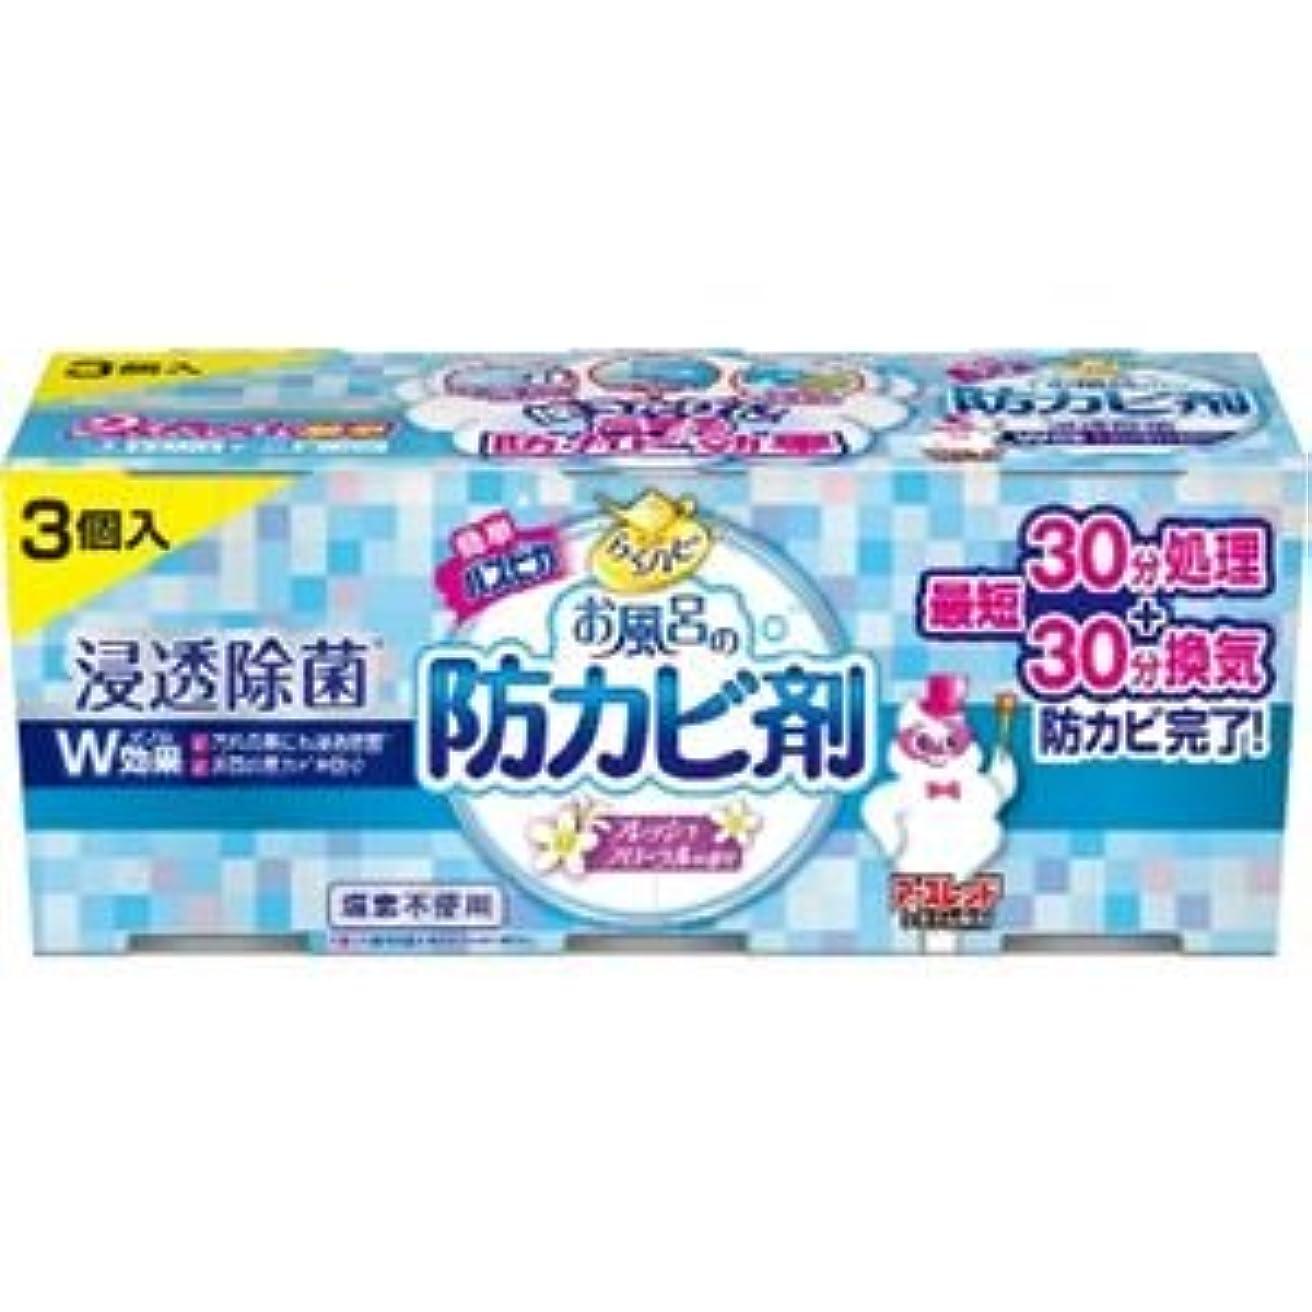 運河アクチュエータ水っぽい(まとめ)アース製薬 らくハピお風呂の防カビ剤フローラル3個パック 【×3点セット】